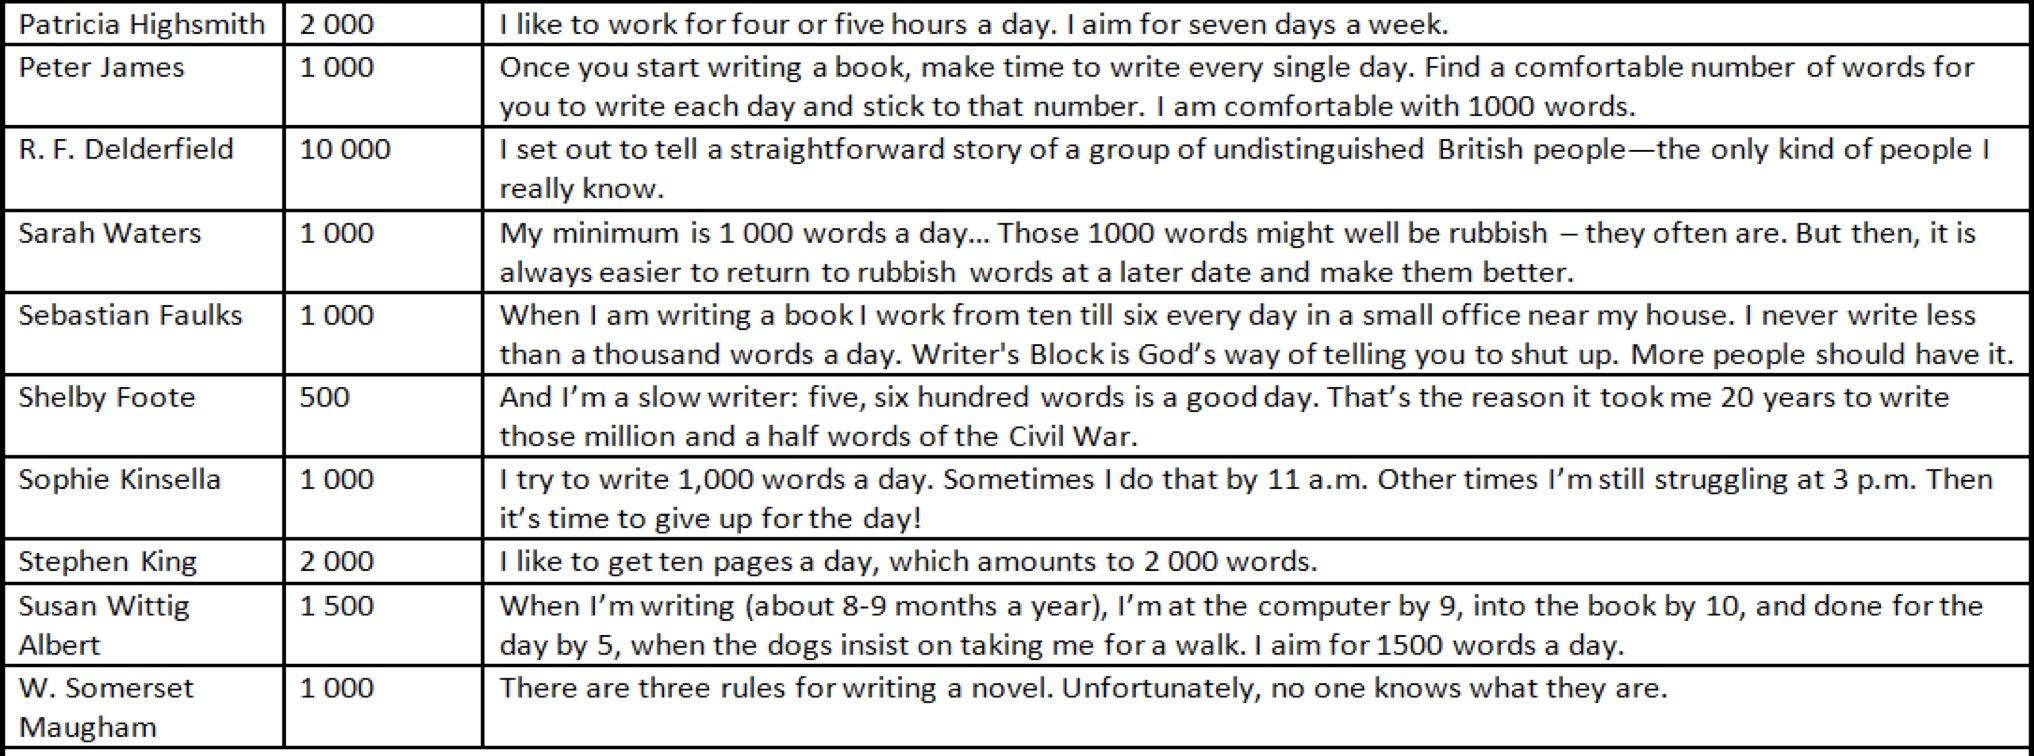 escritores famosos numero de palabras al día